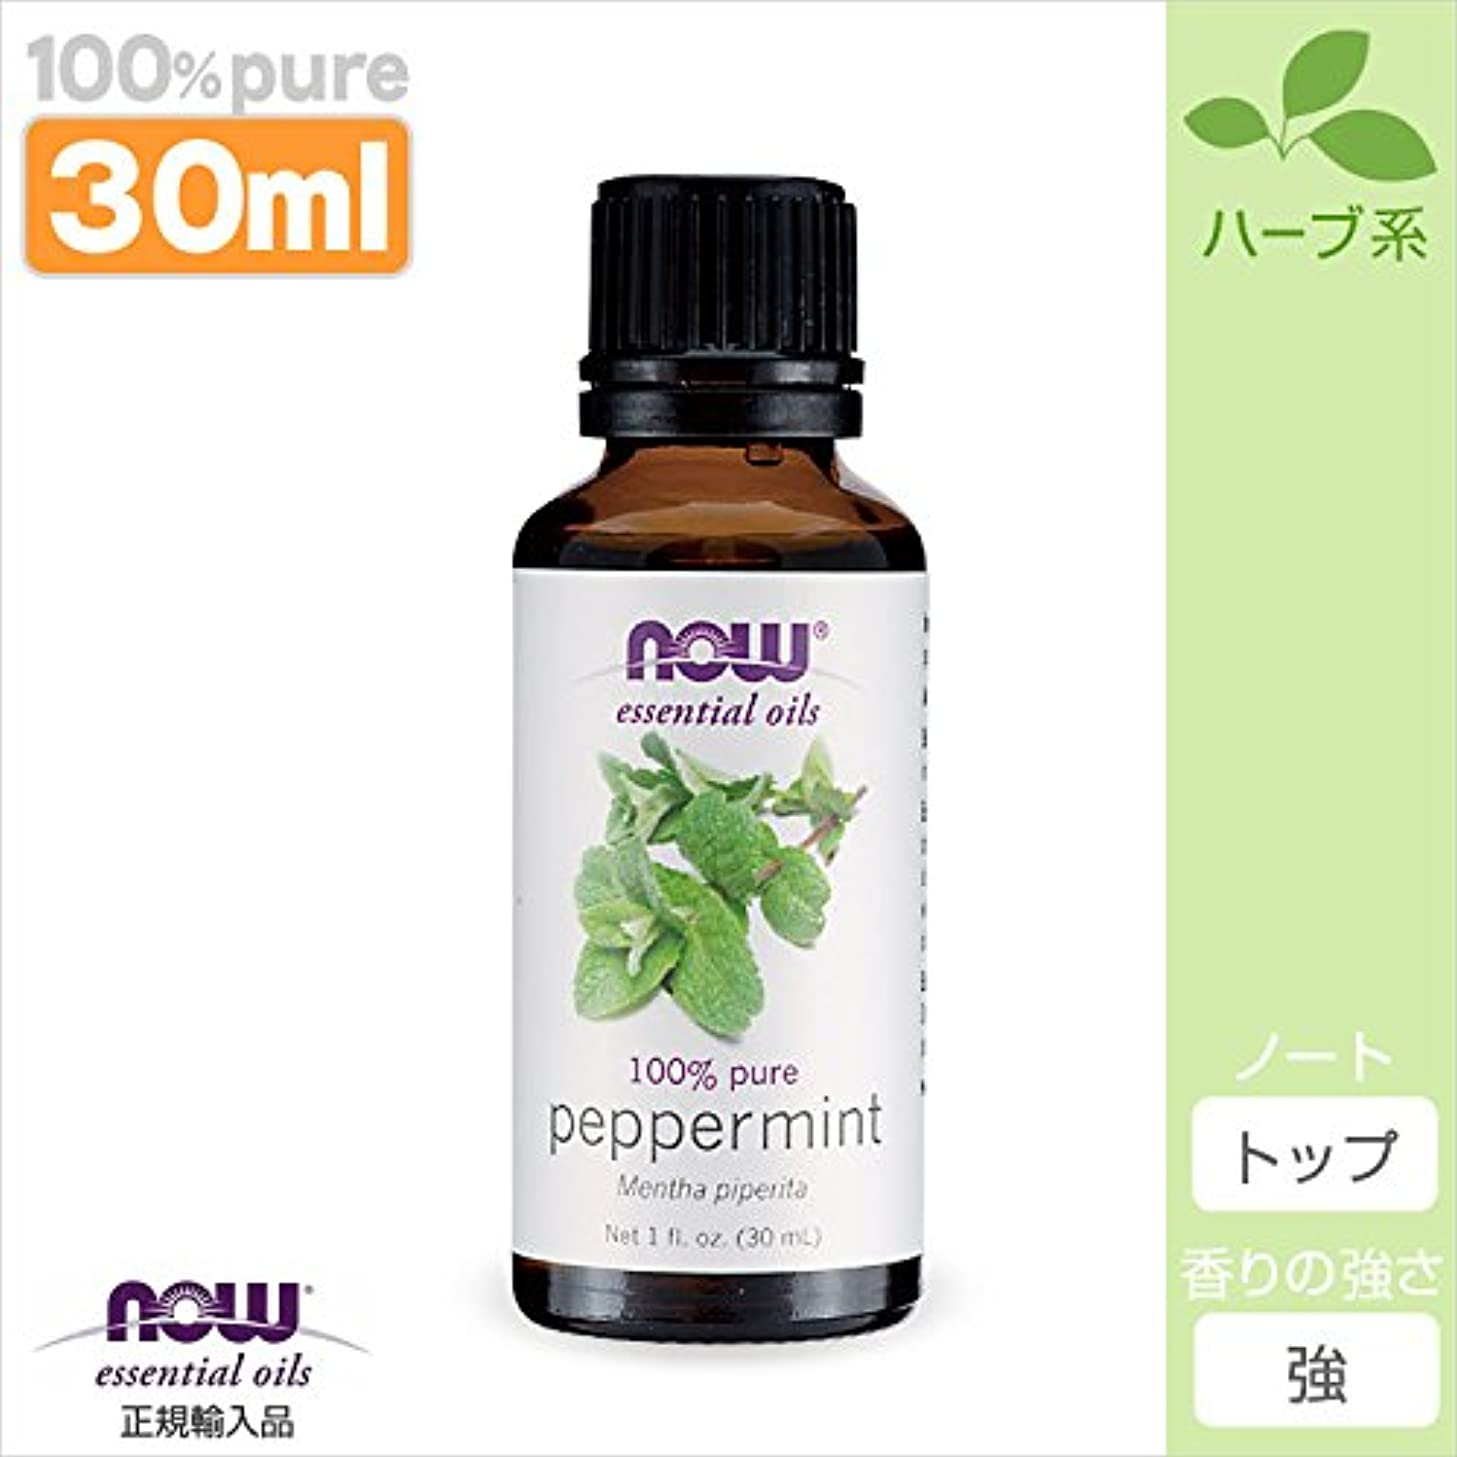 蓄積する家庭性格ペパーミント精油[30ml] 【正規輸入品】 NOWエッセンシャルオイル(アロマオイル)